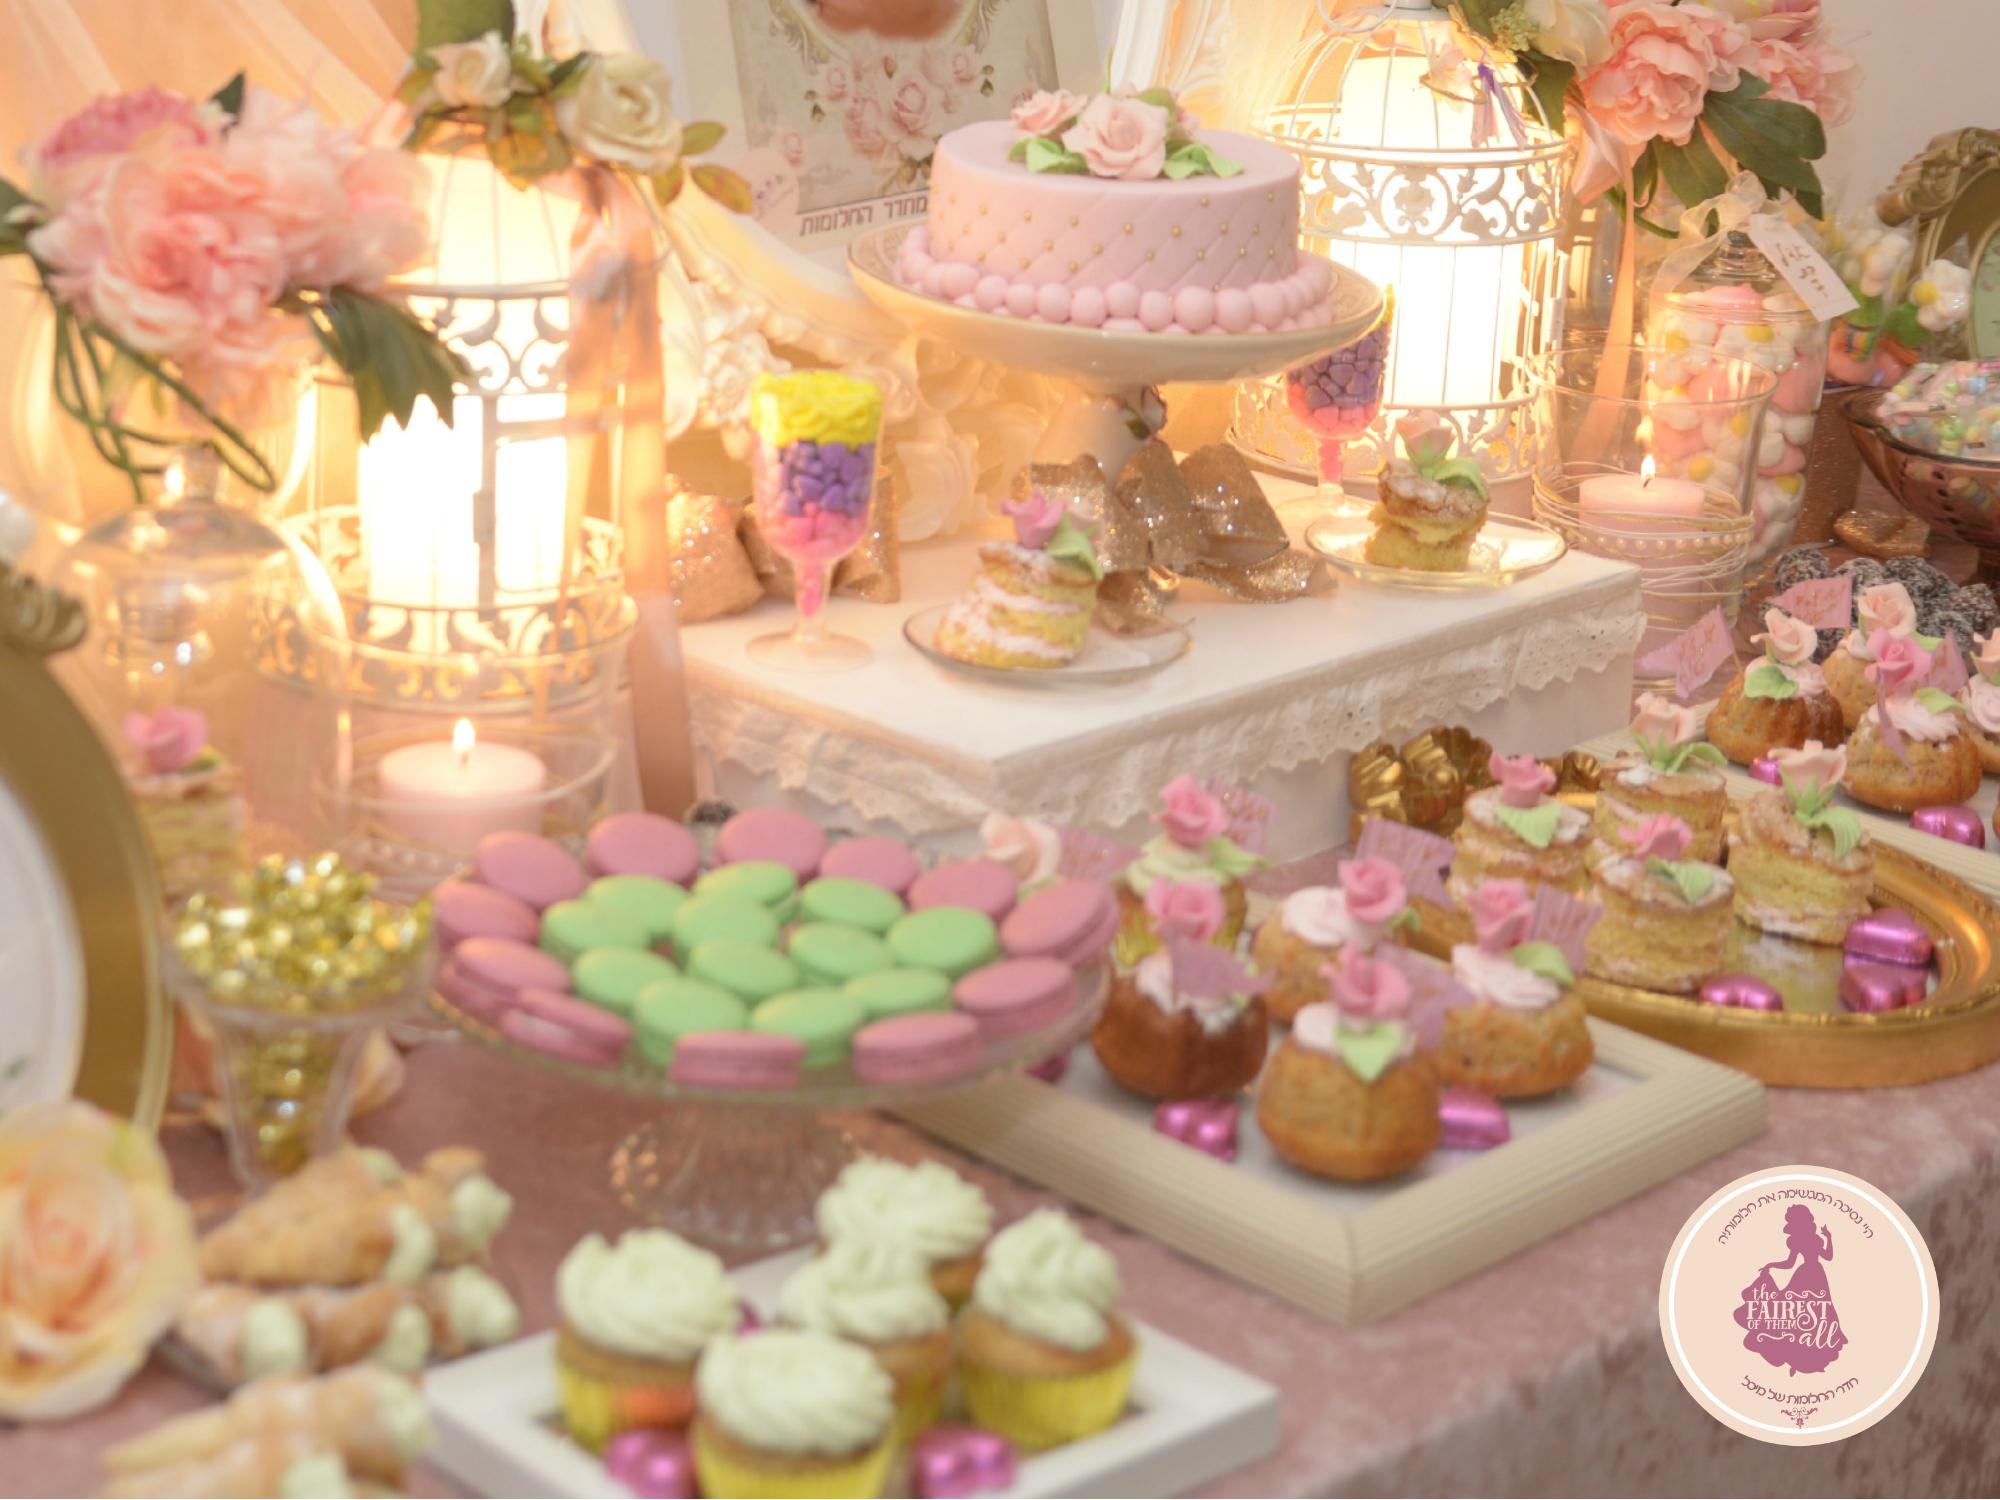 שולחן בר מתוק ליום הולדת נסיכותי לבנות